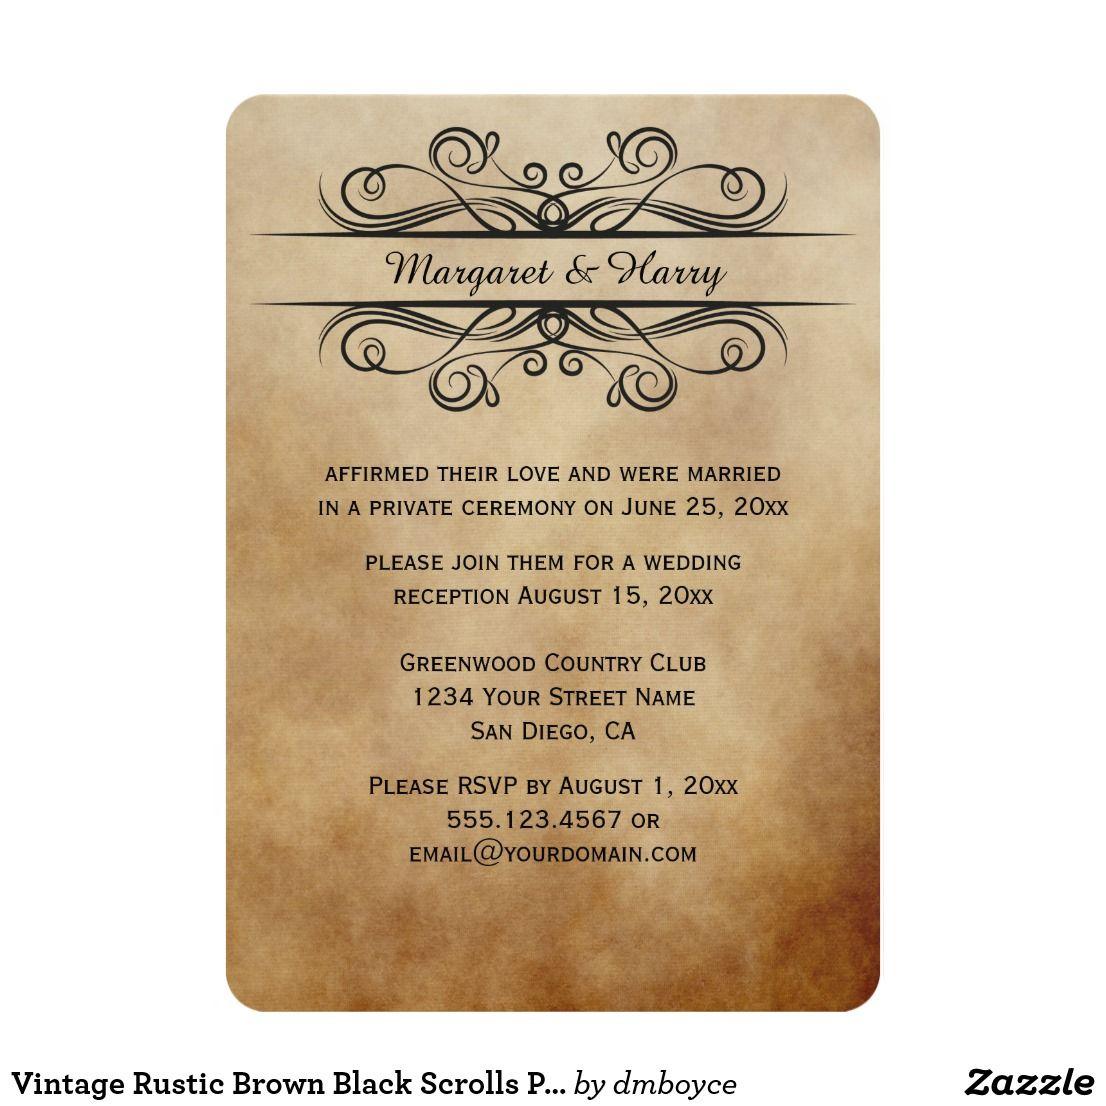 Vintage Rustic Brown Black Scrolls Post Wedding Card Vintage Rustic ...